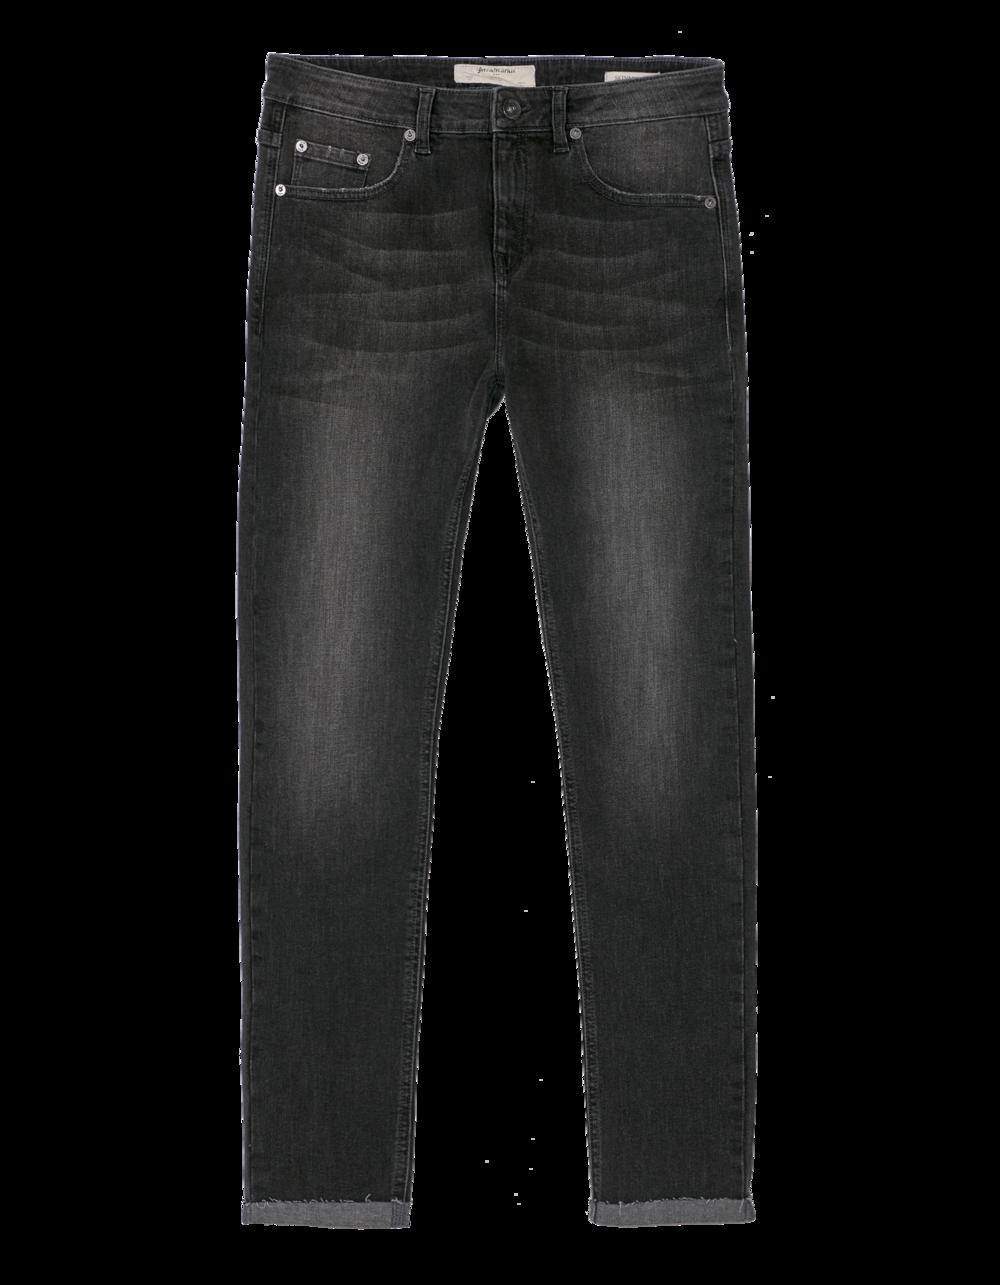 StradivariusMan_garments (9).png